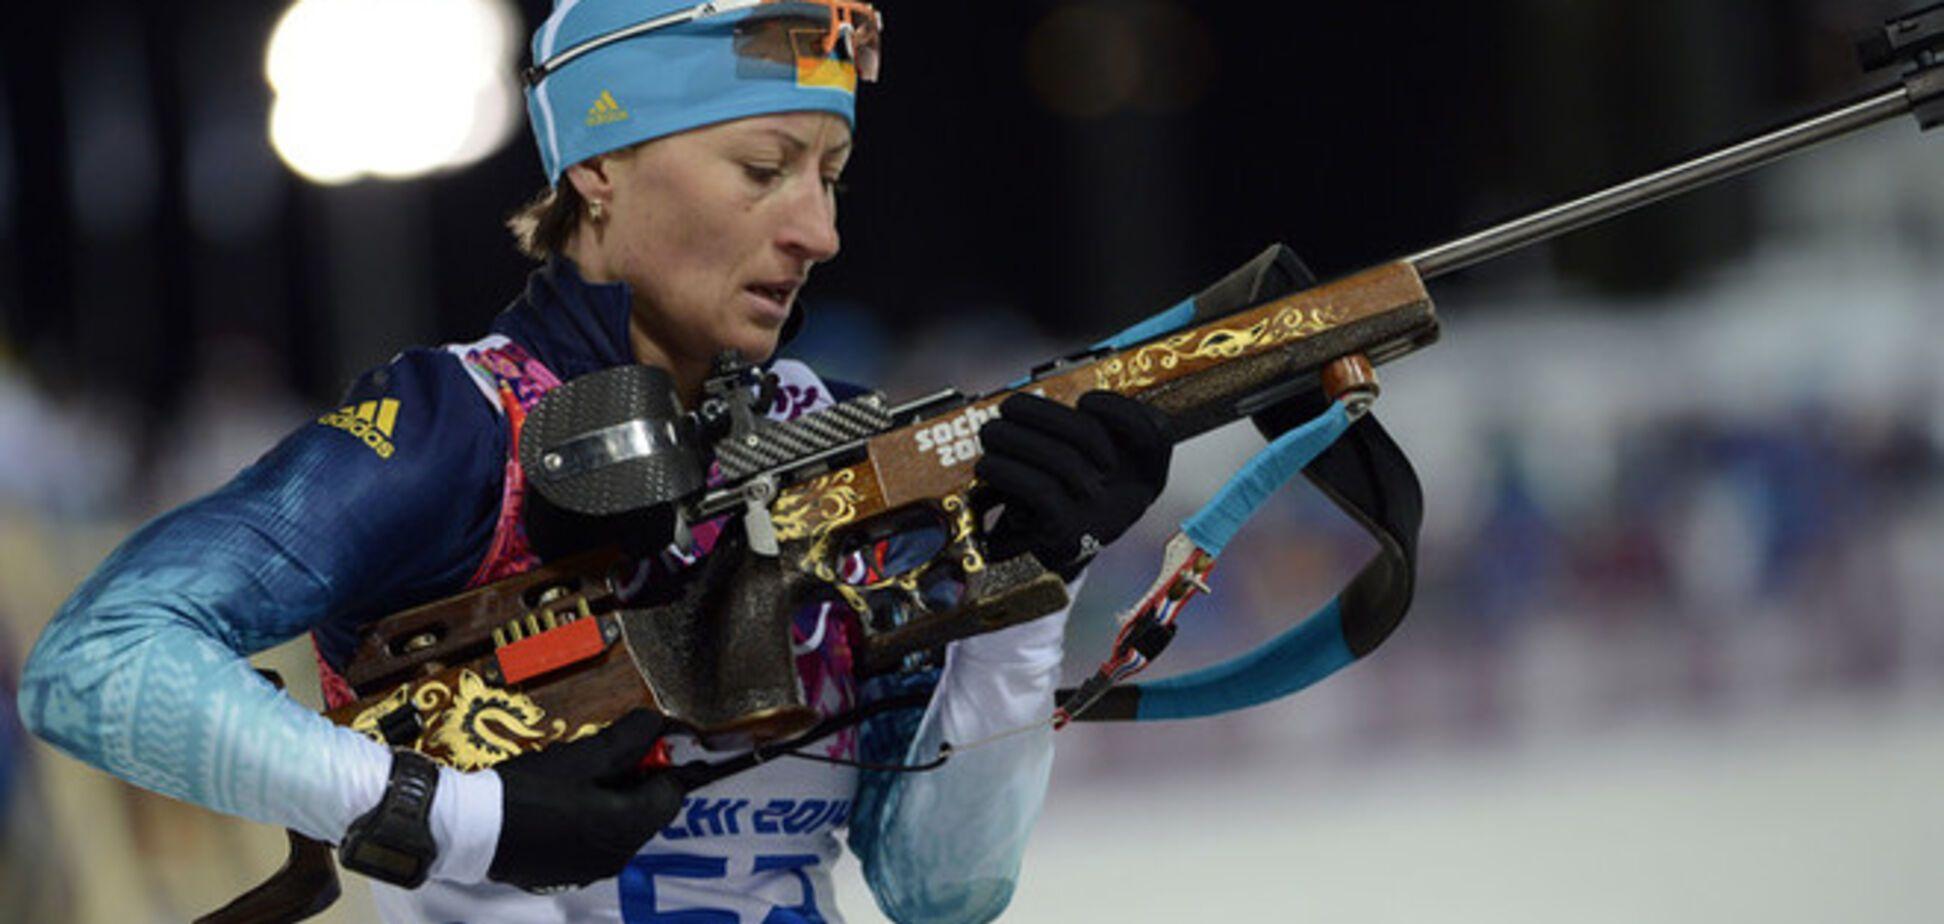 Украинские биатлонистки Семеренко могут принять российское гражданство